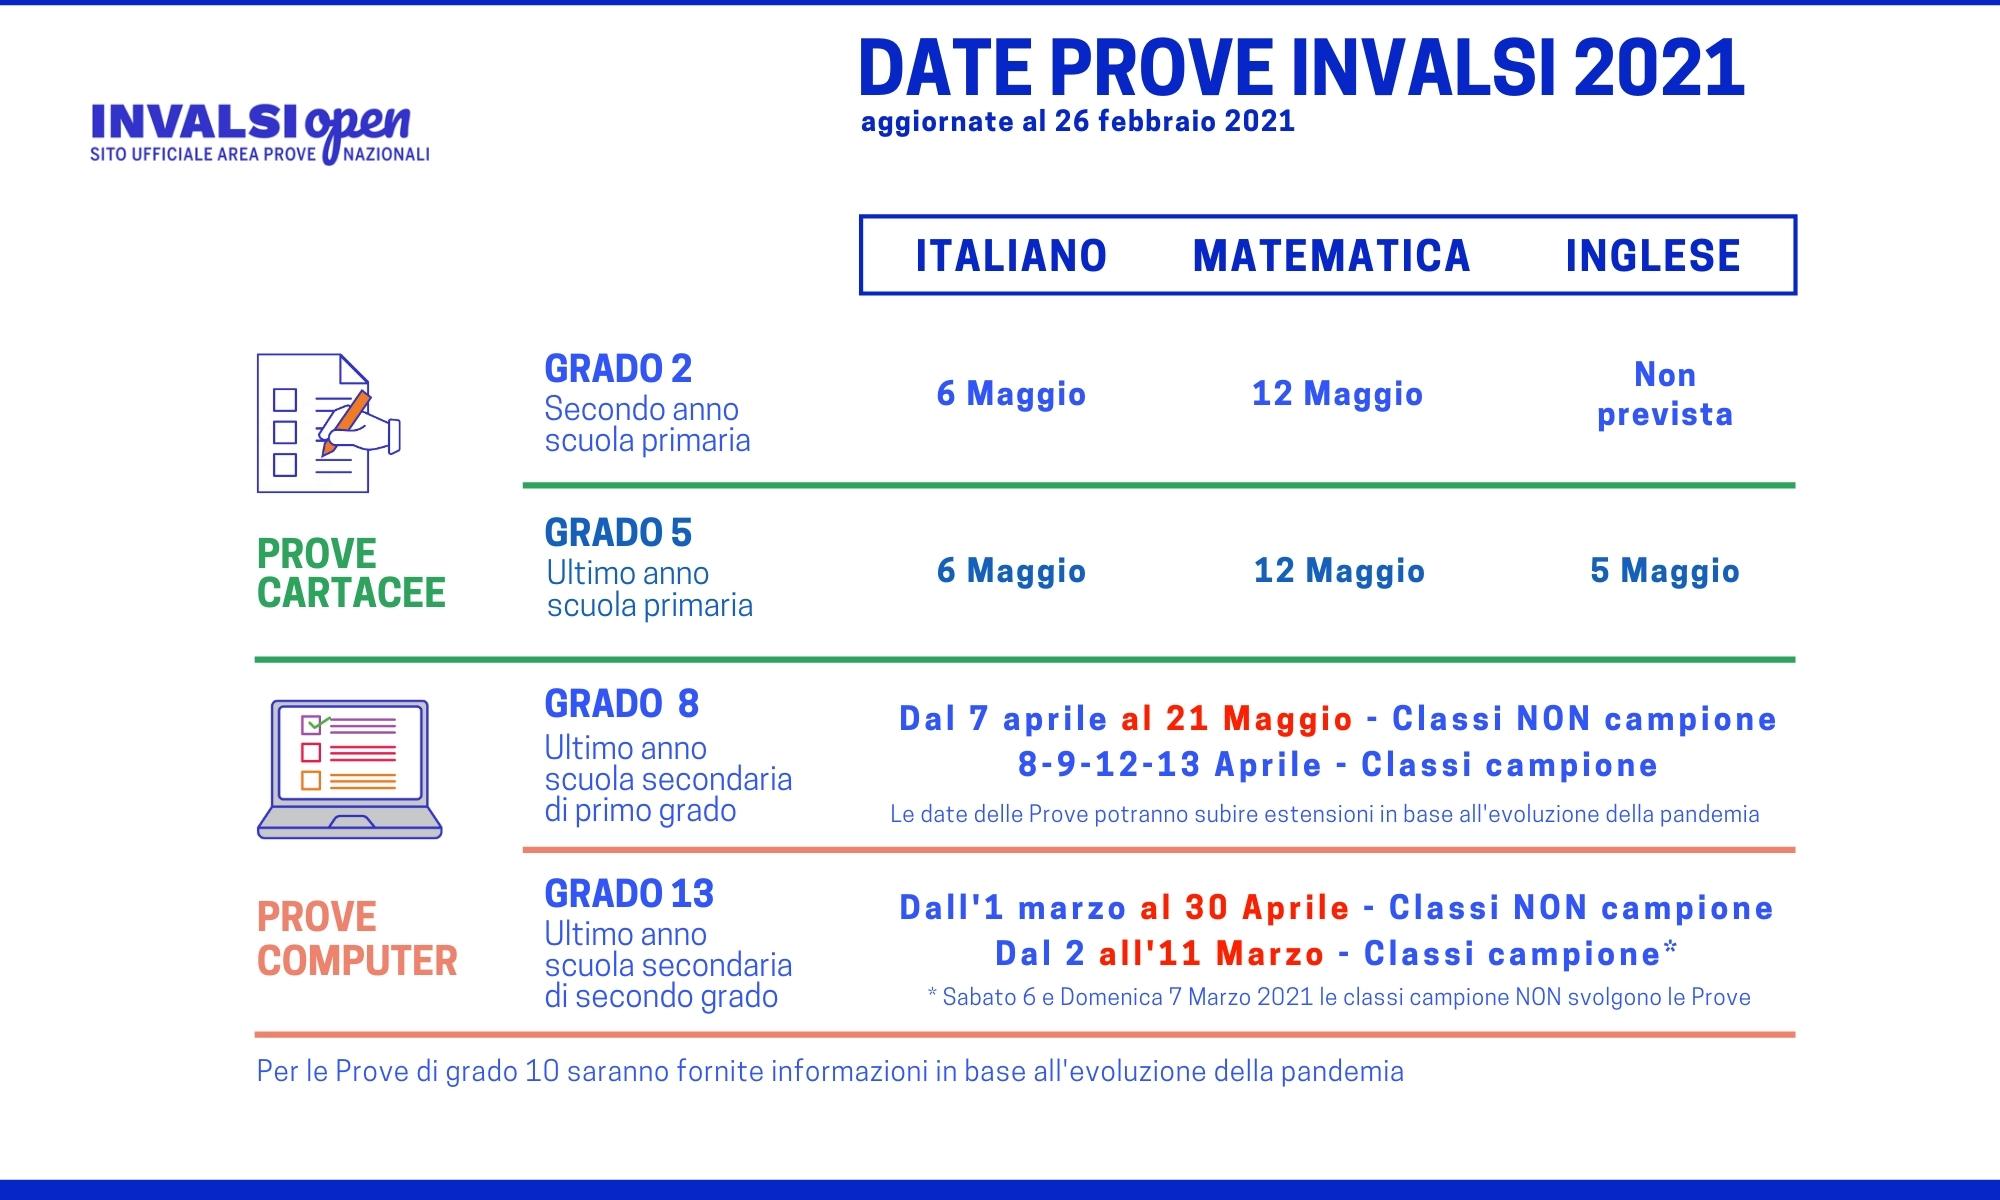 Calendario Prove INVALSI 2021 - Aggiornato al 26 febbraio 2021